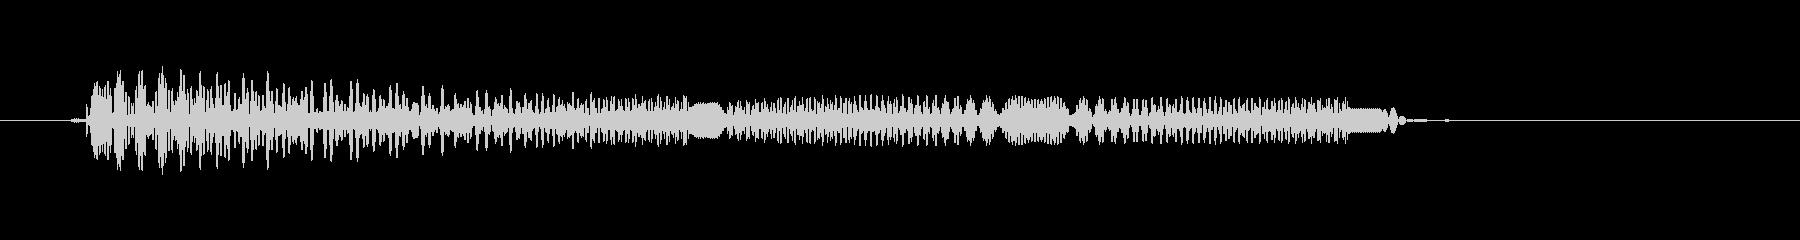 ピコピコ アニメ アクション 動き 足音の未再生の波形